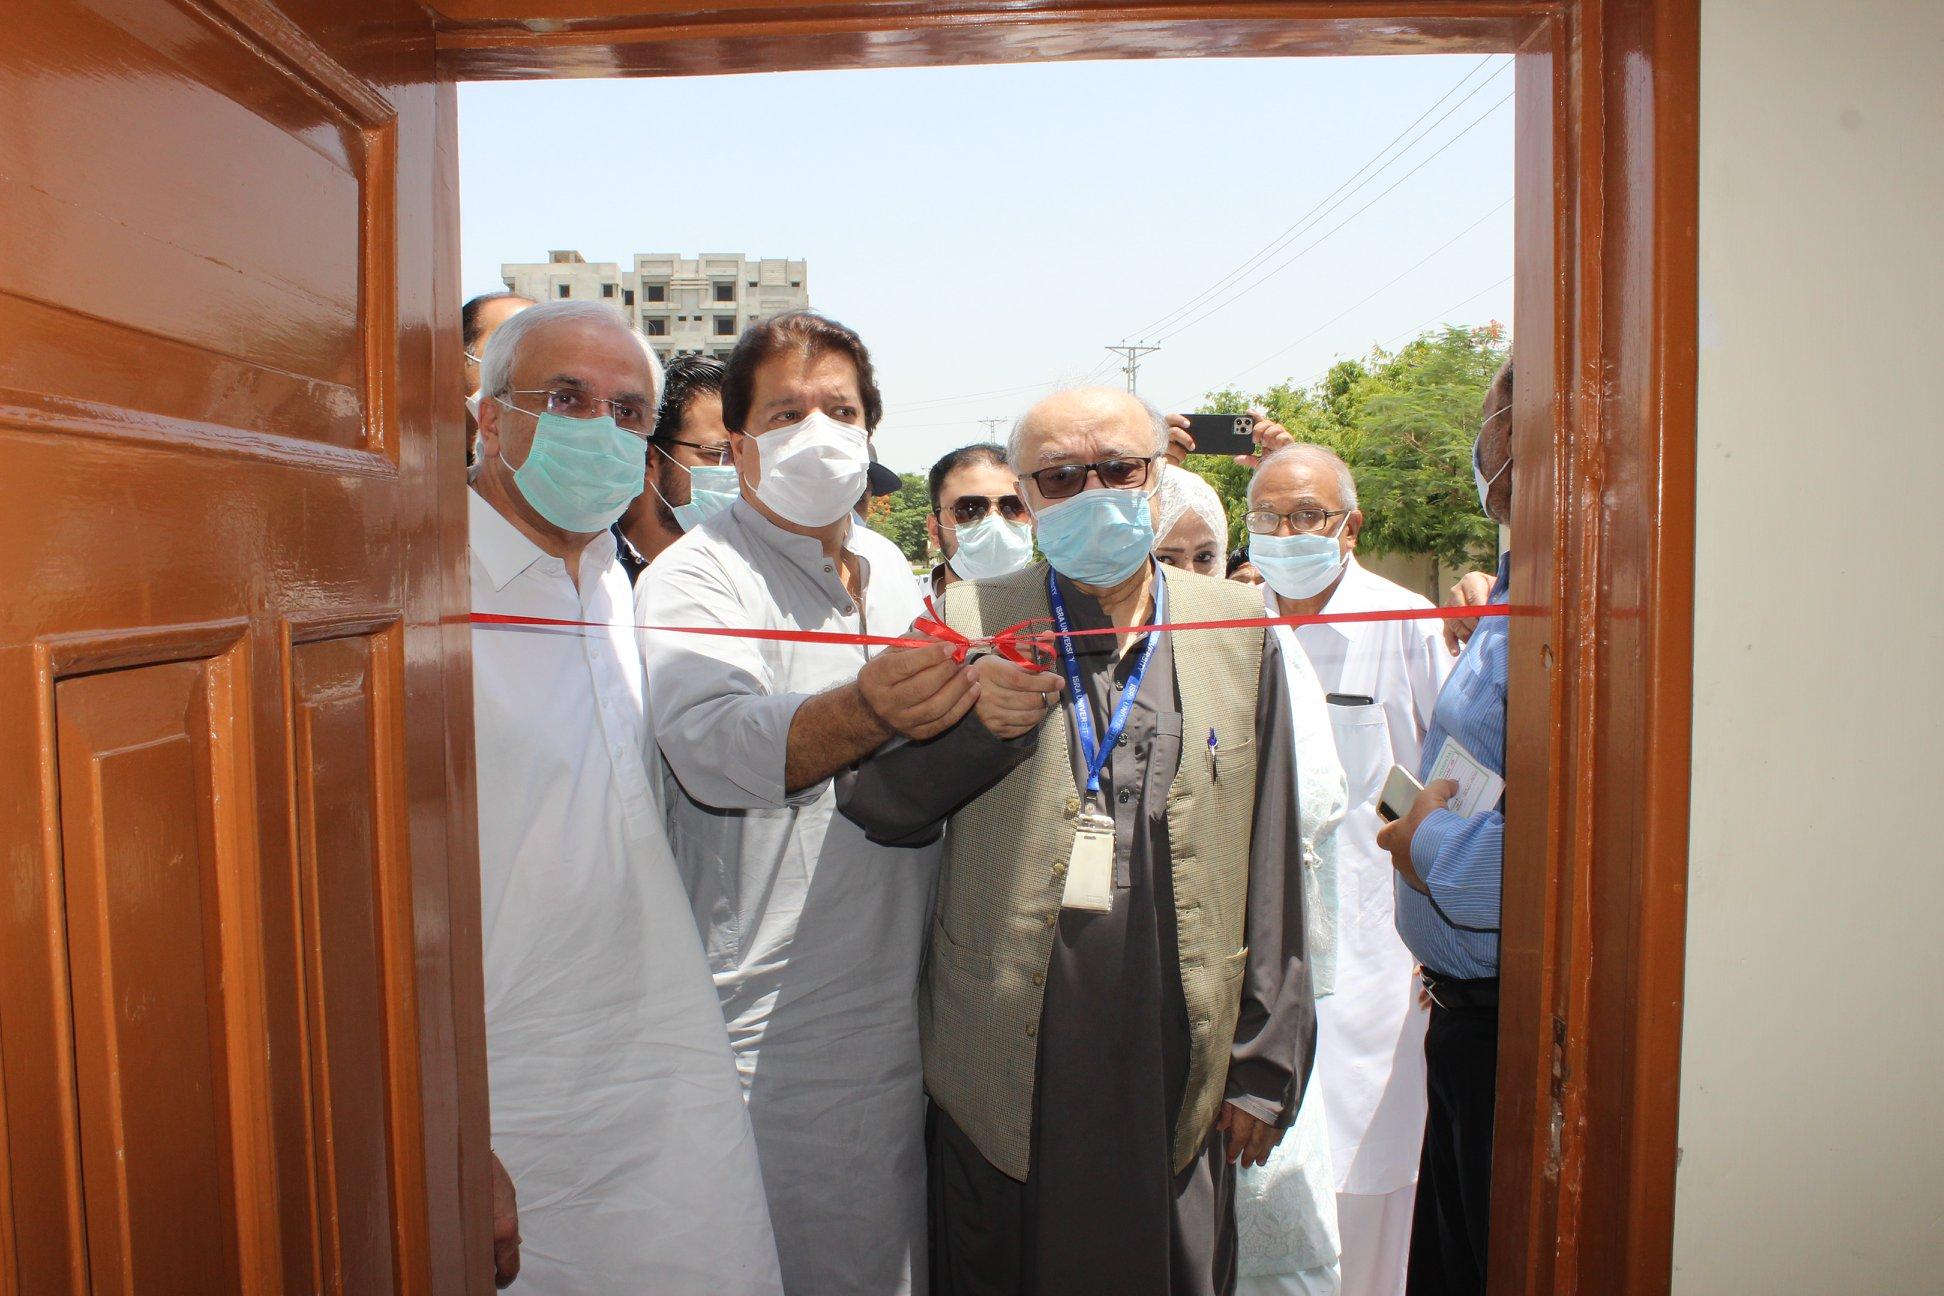 Inauguration of COVID-19 Vaccination Centre